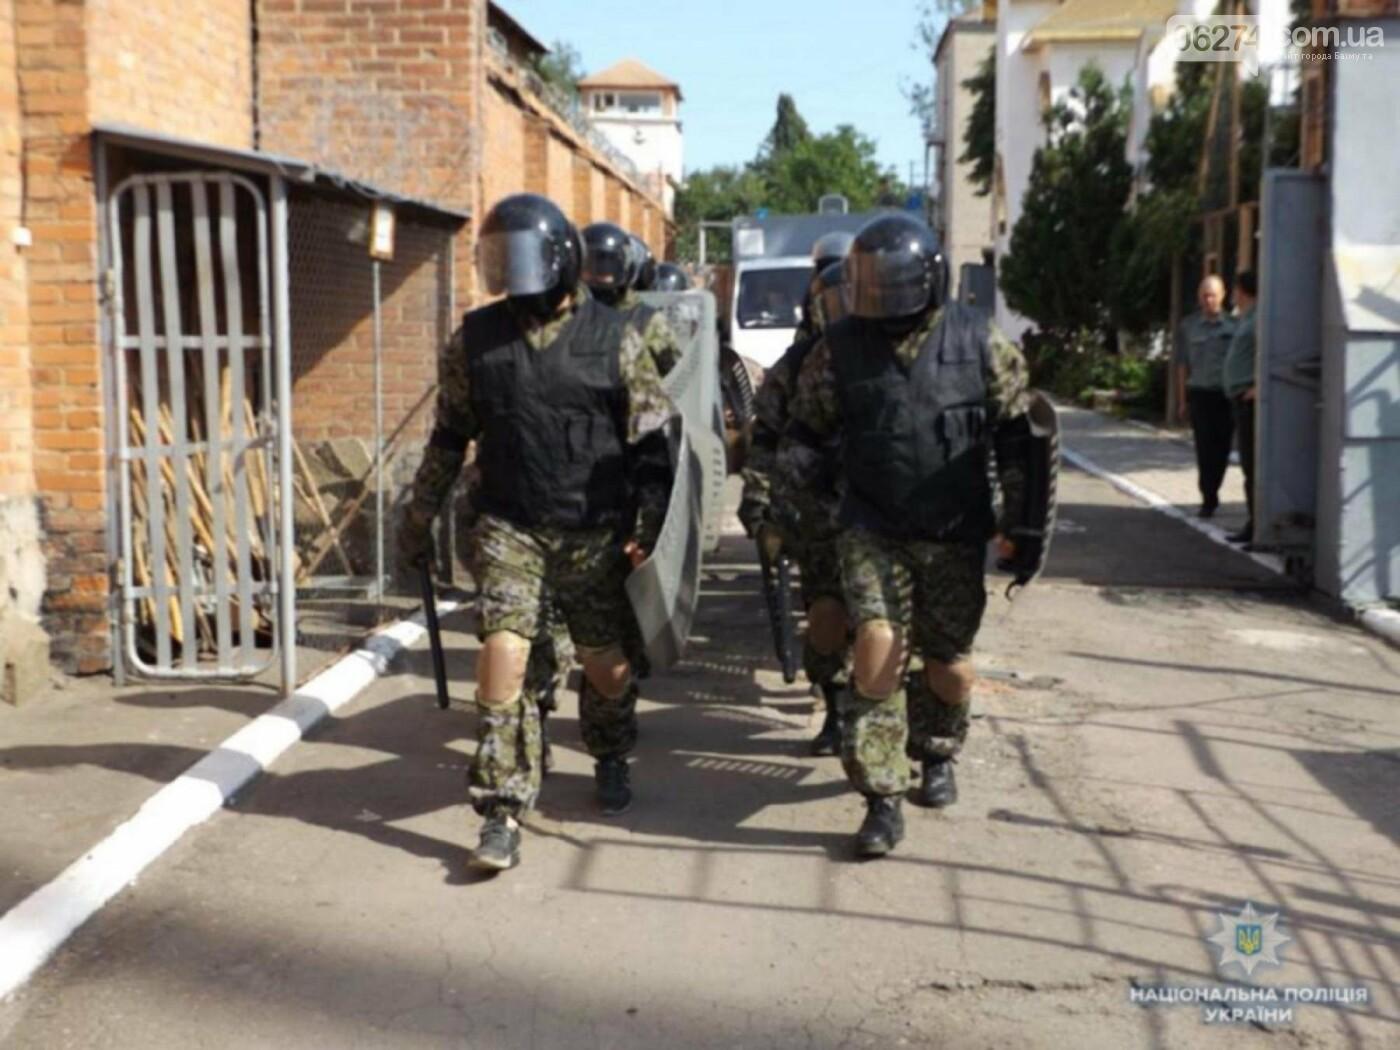 Полиция локализовала «бунт осужденных» в Бахмутском СИЗО, фото-3